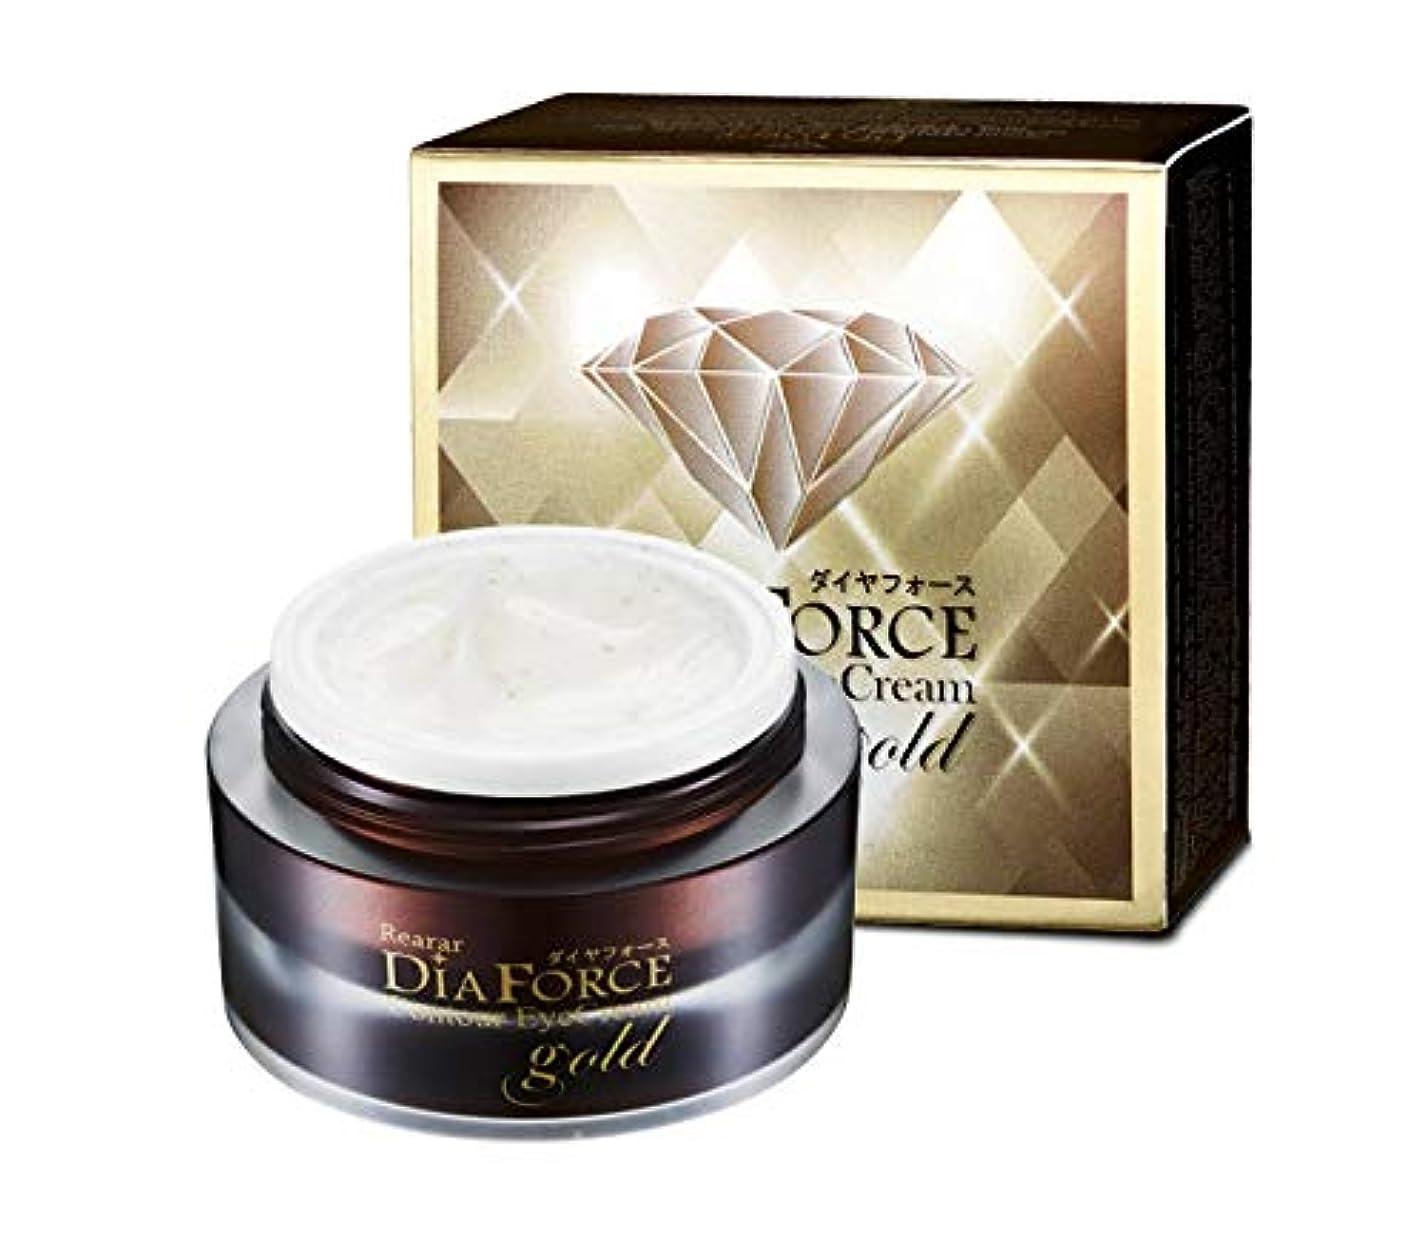 選ぶ慣性期限REARAR後部のさまざまな制御なしの進化ゴールド韓国の有名なブランドの人気化粧品アイクリーム目元のしわ改善、肌の保湿の水分補給スキンケア